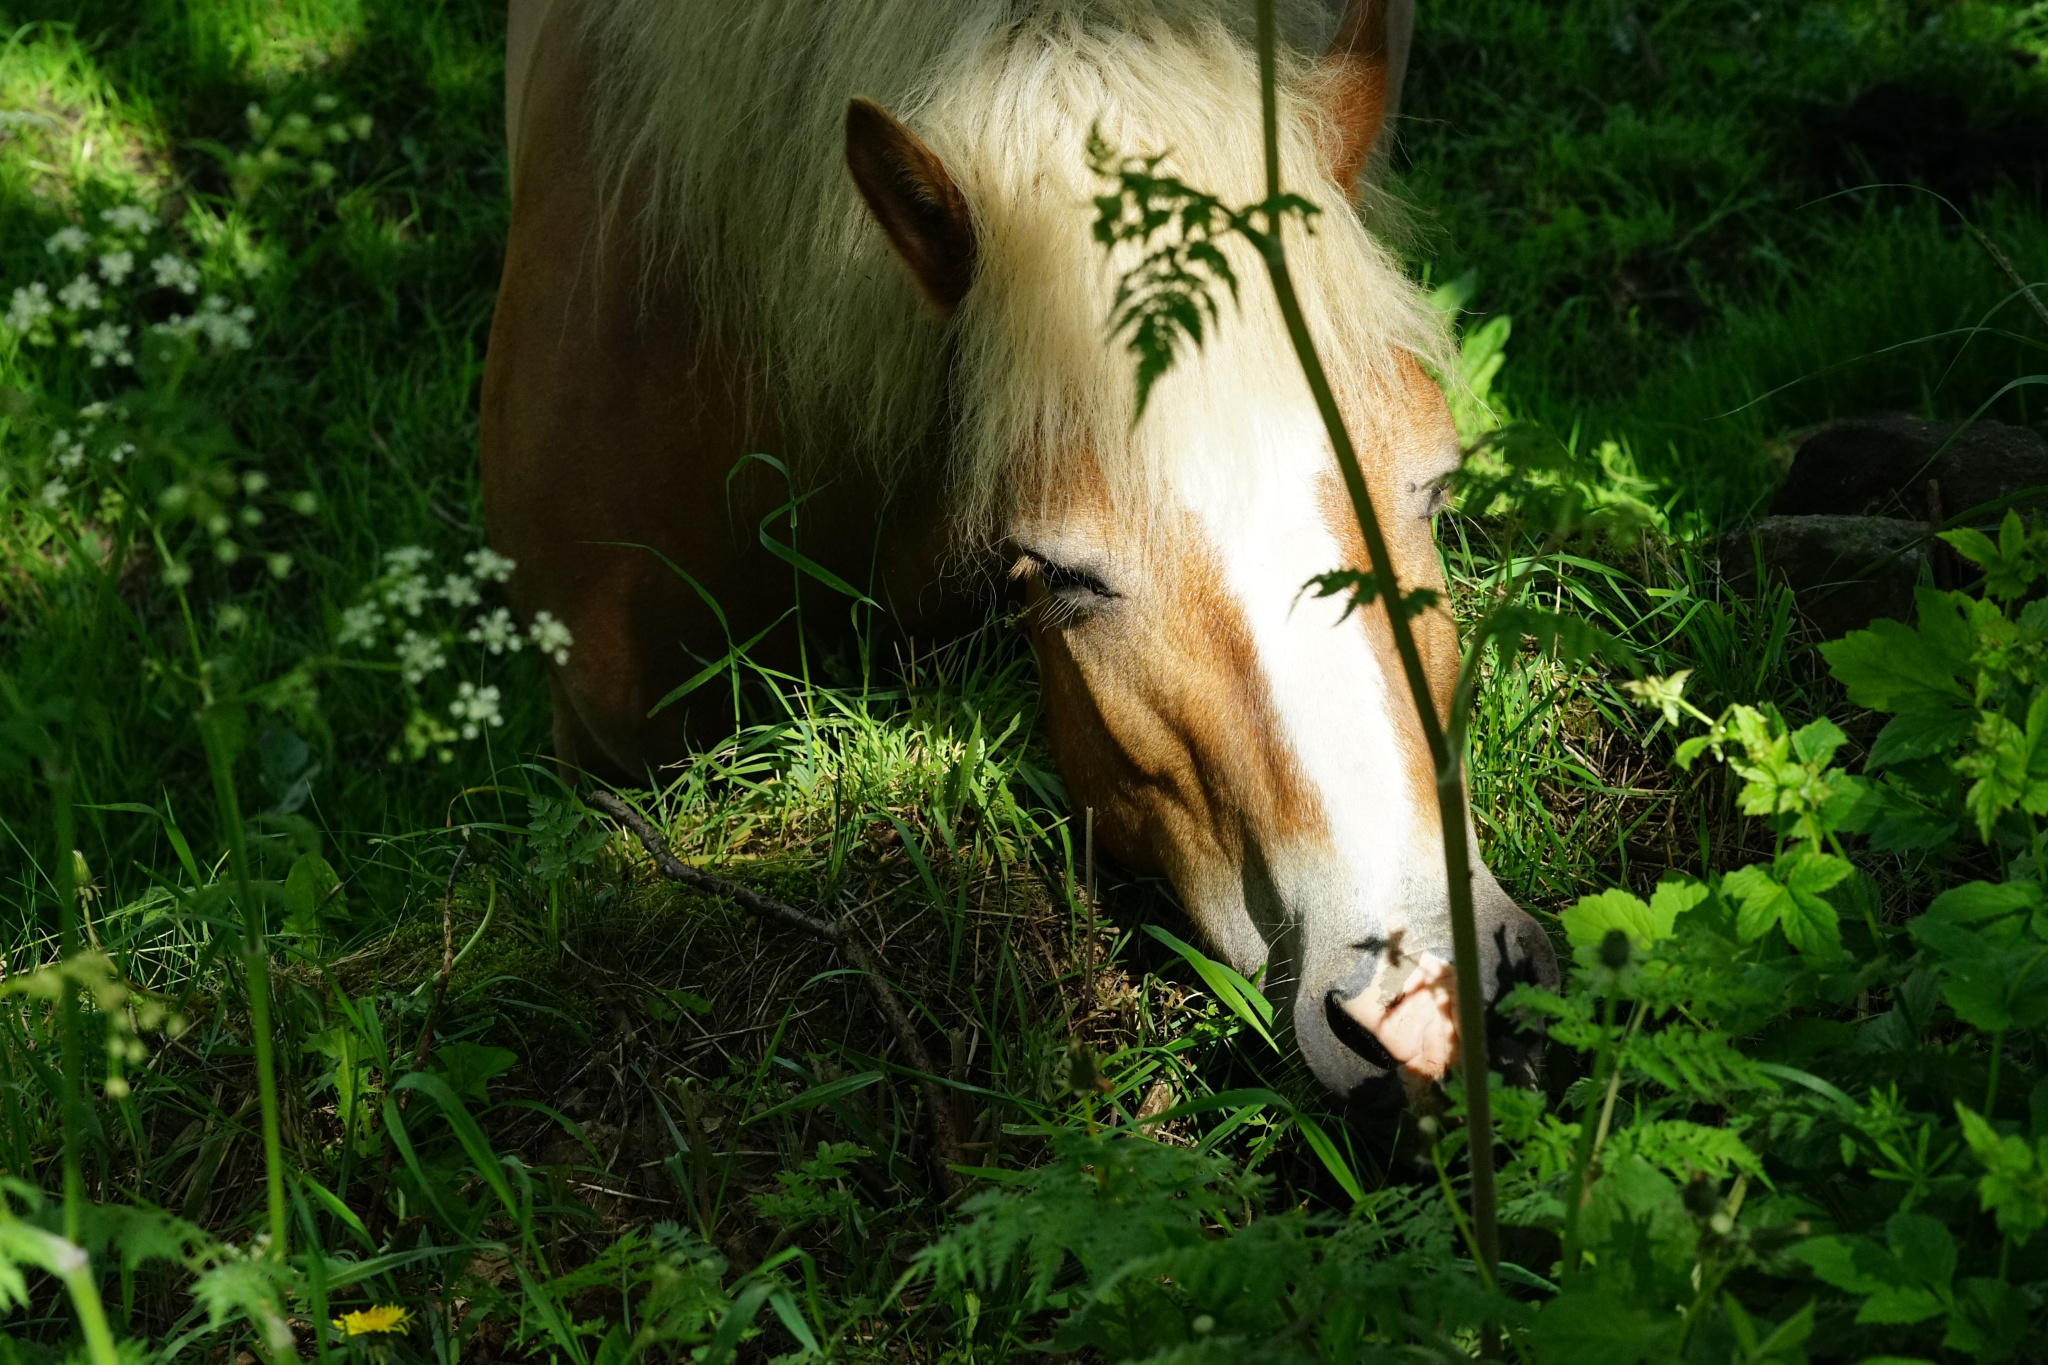 Just grazing by Isaac Matthews